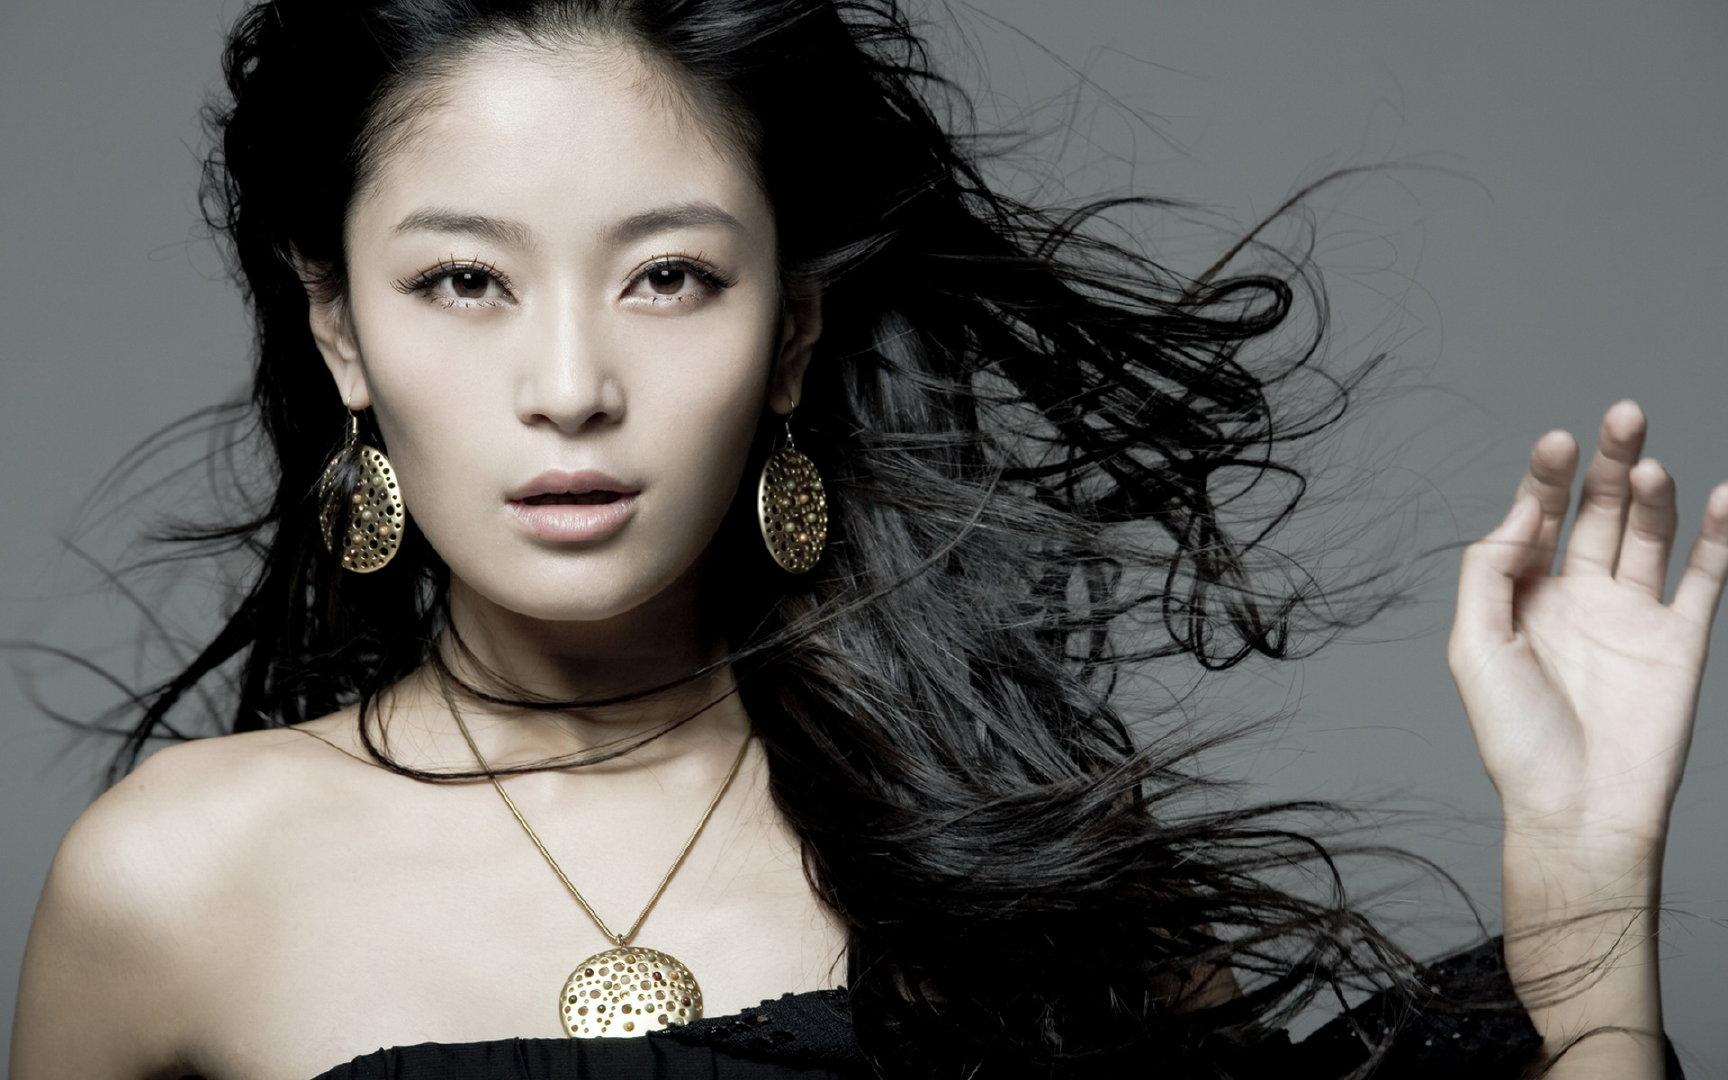 王媛可黄色低胸短袖手持菊花动人写真